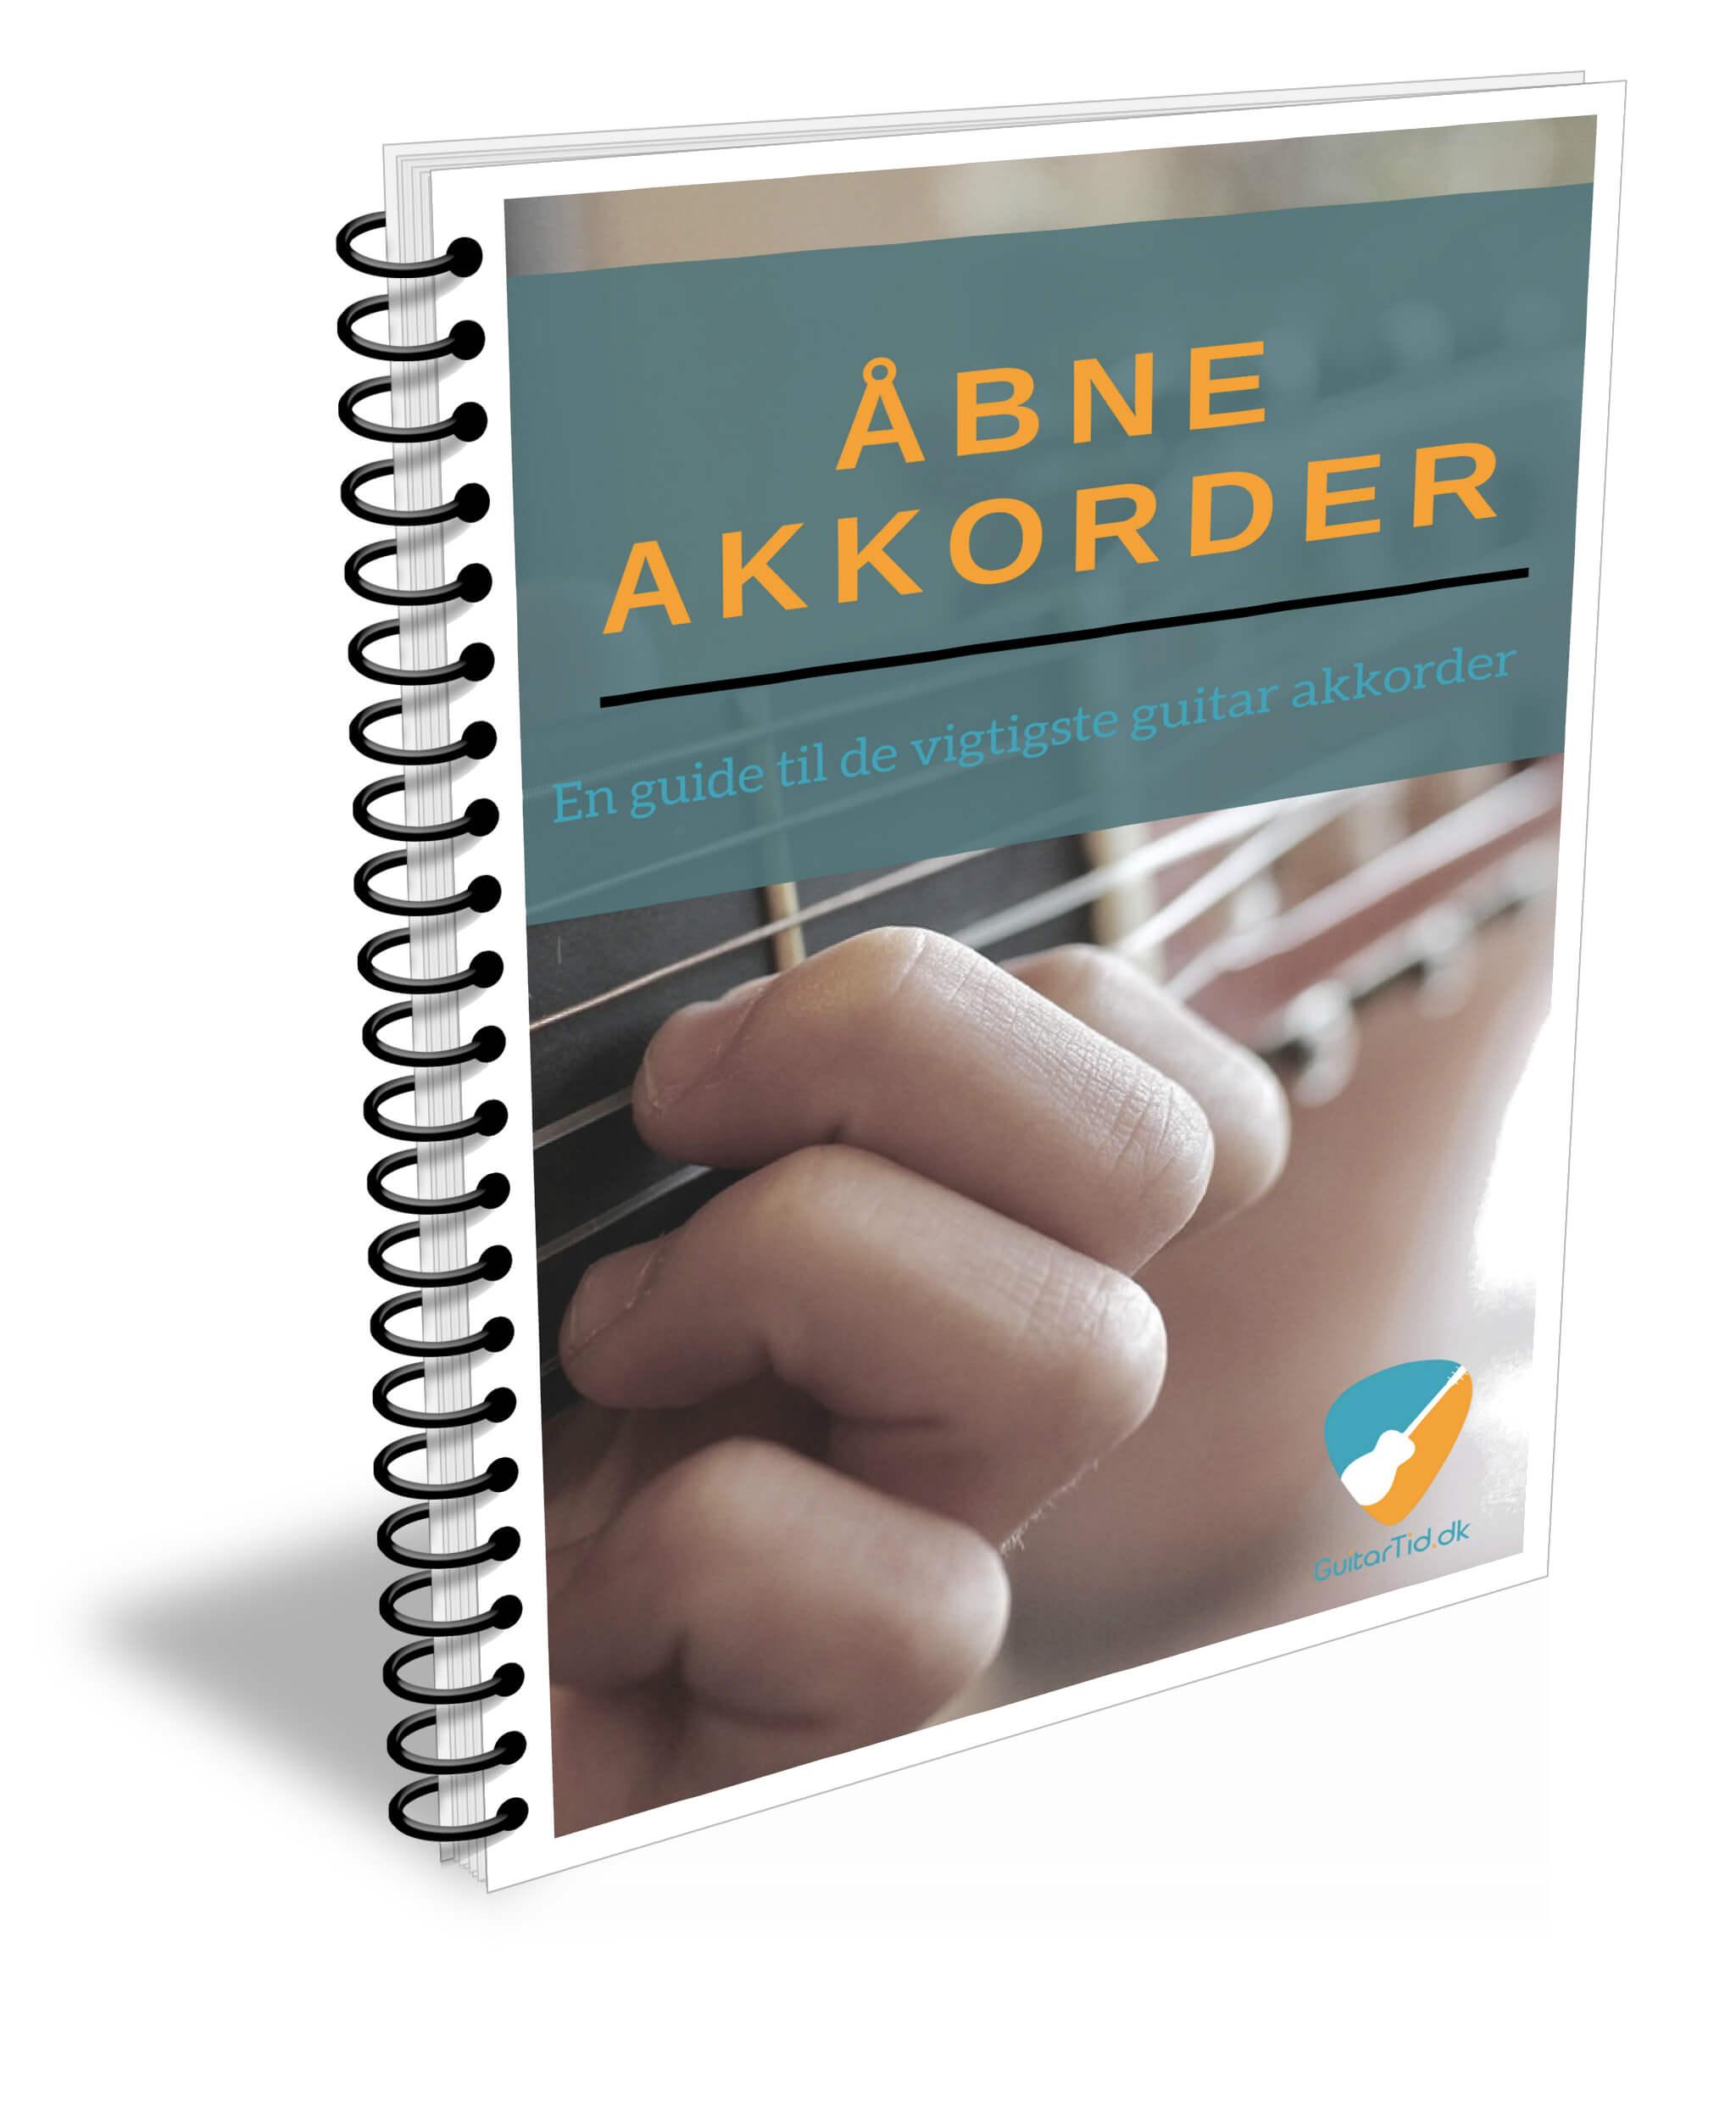 billede af e-bogen Åbne Akkorder